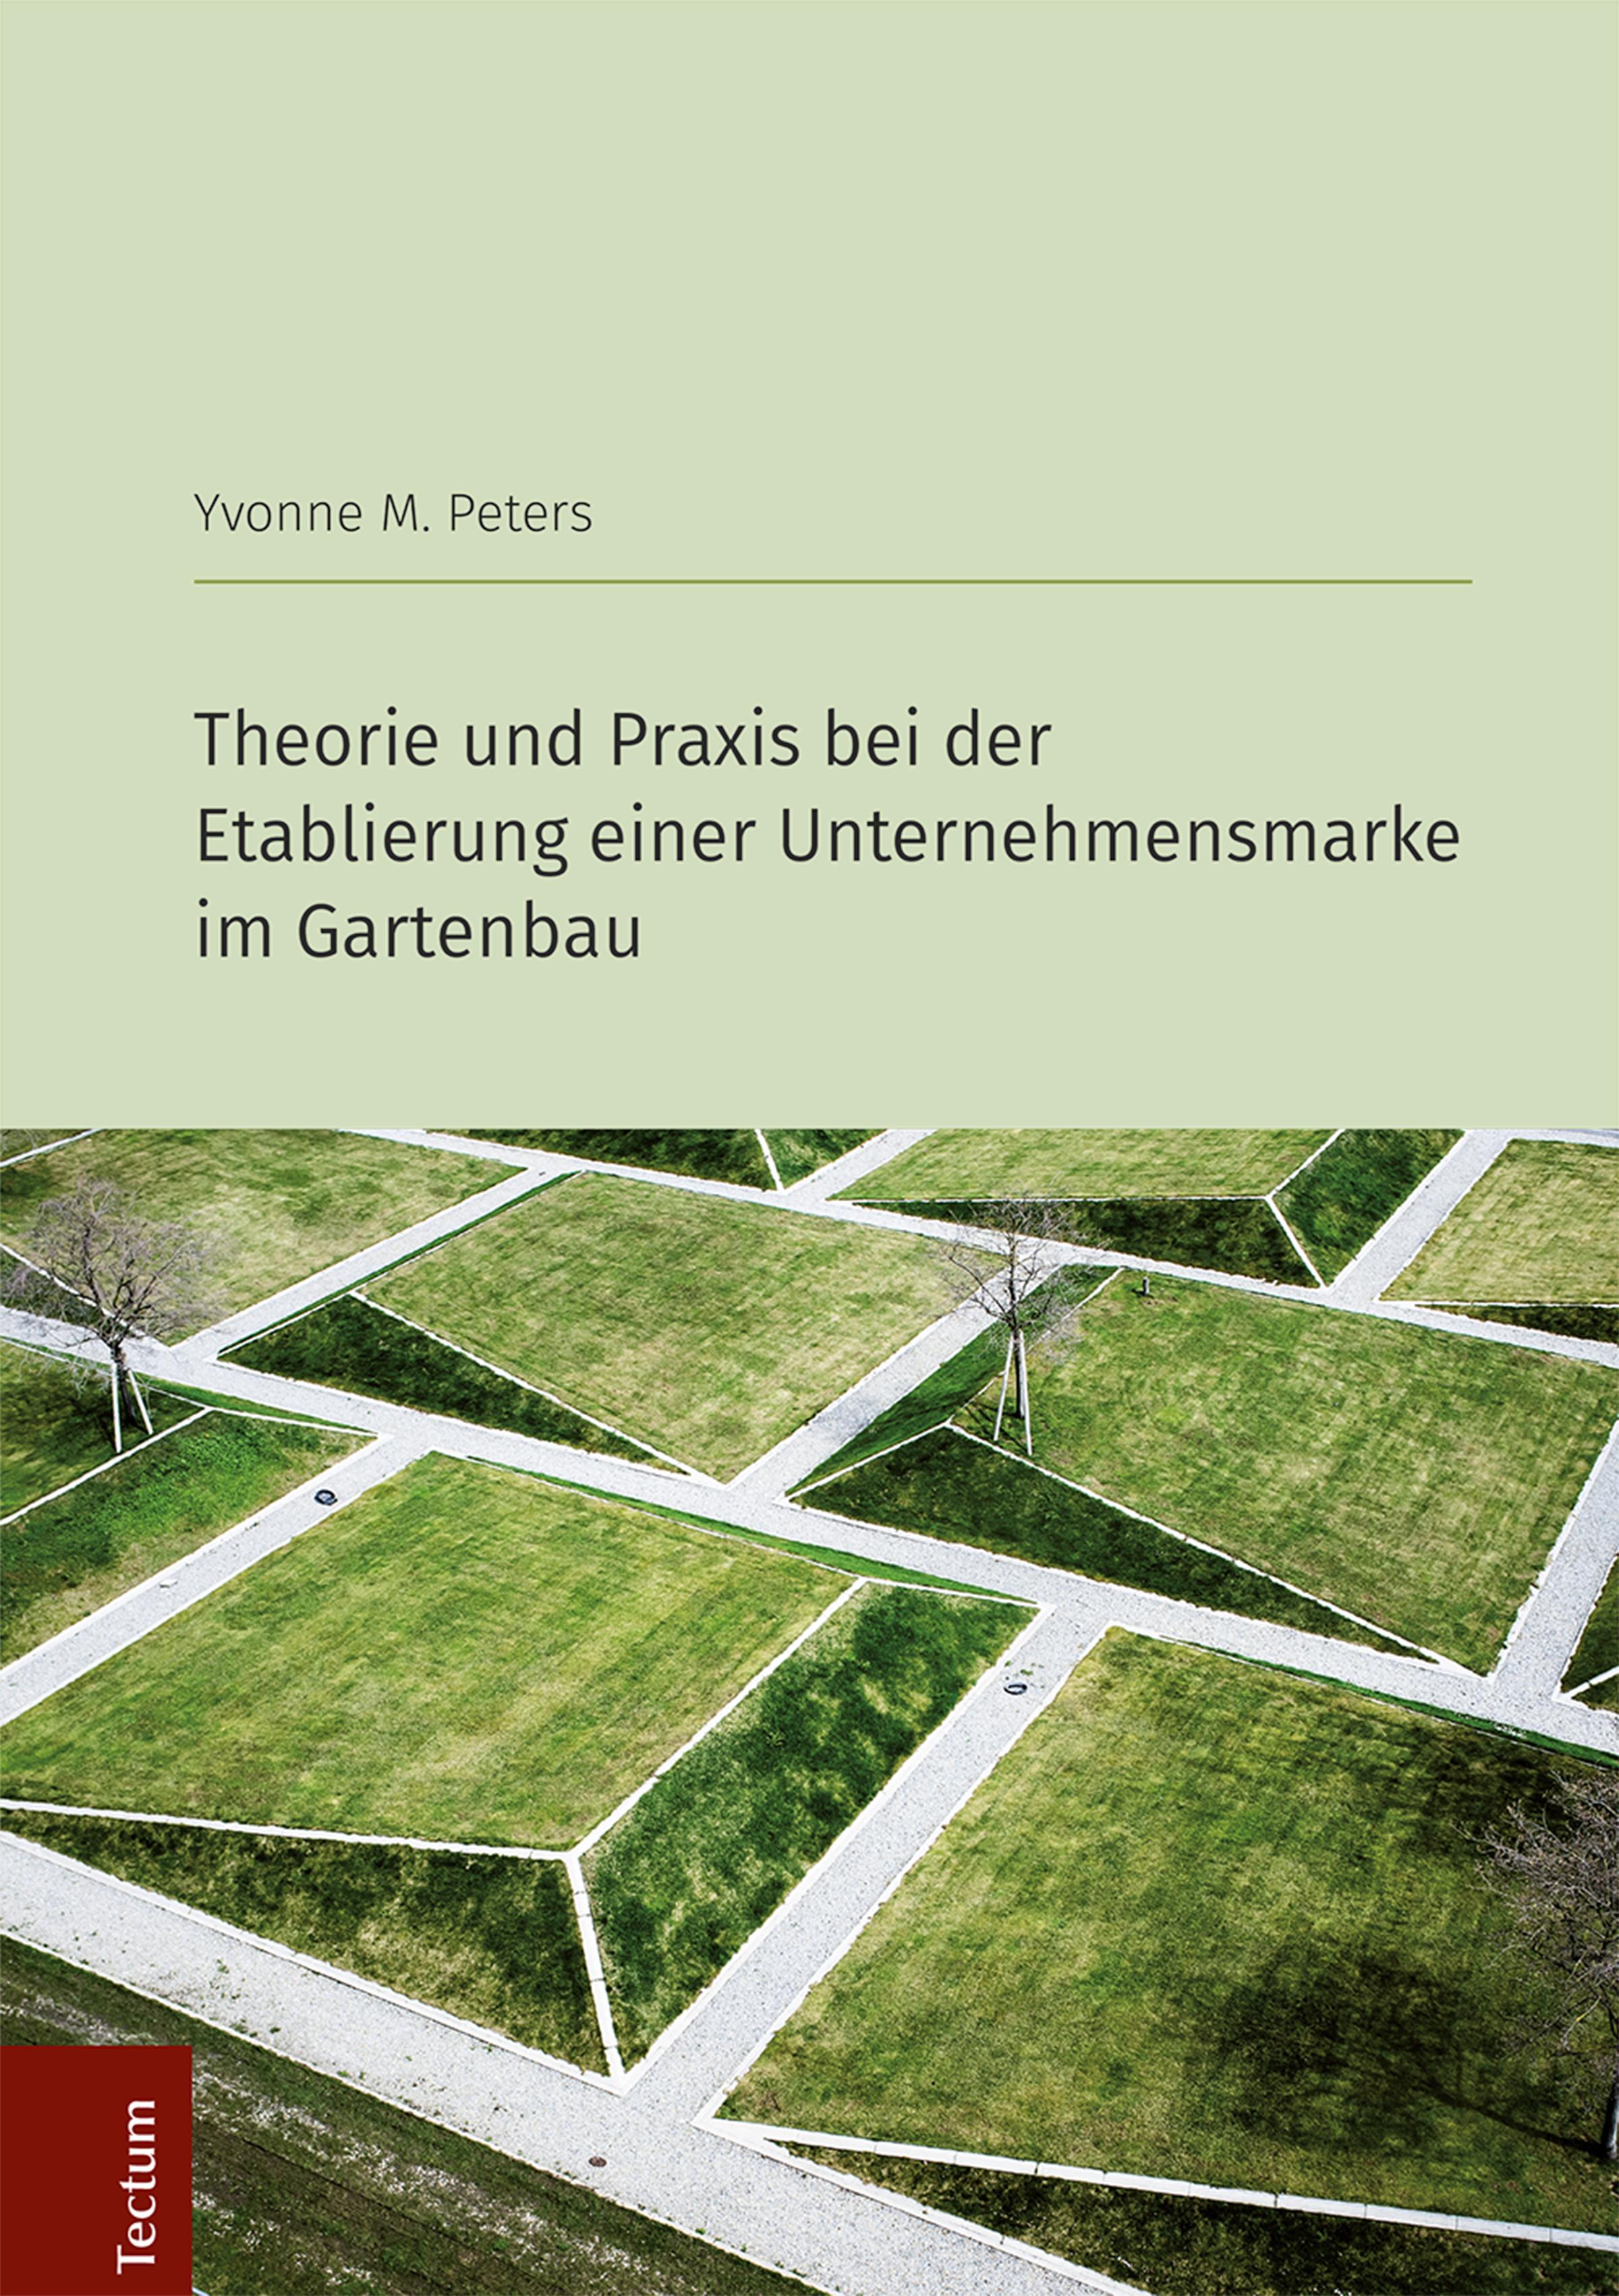 Yvonne M. Peters Theorie und Praxis bei der Etablierung einer Unternehmensmarke im Gartenbau евгений онегин 2018 09 04t19 00